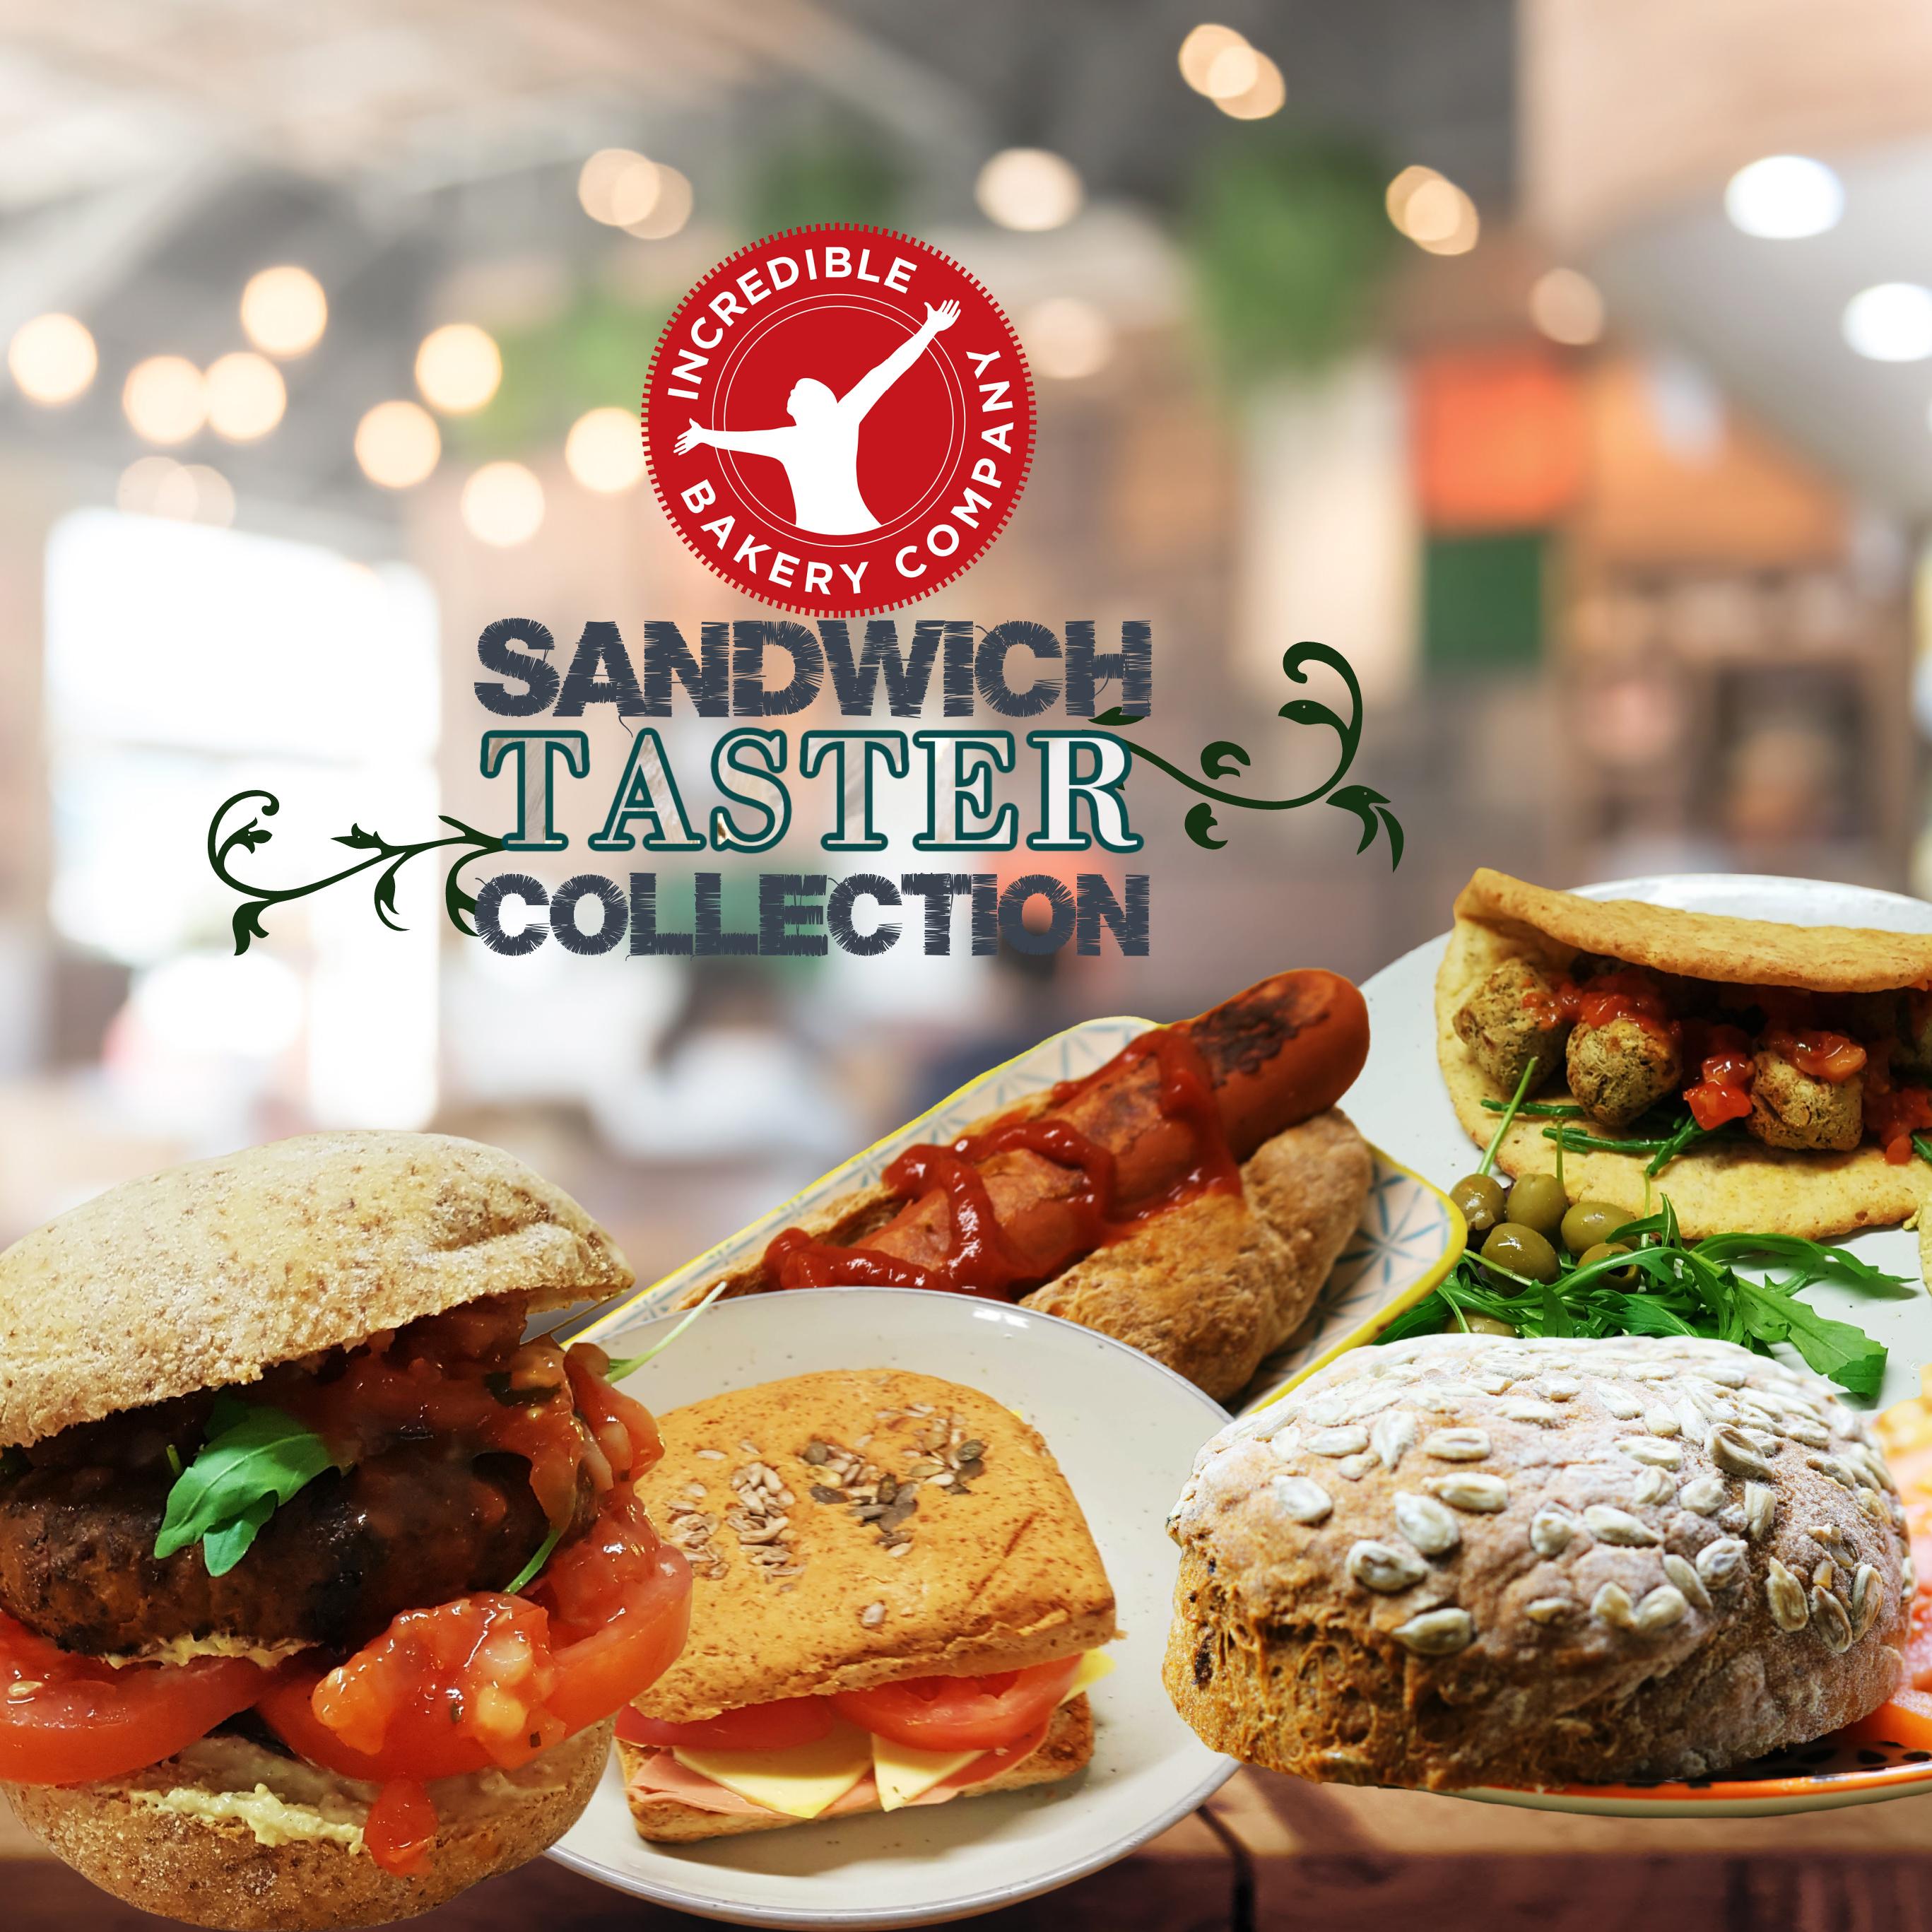 sandwich-taster-collection.jpg